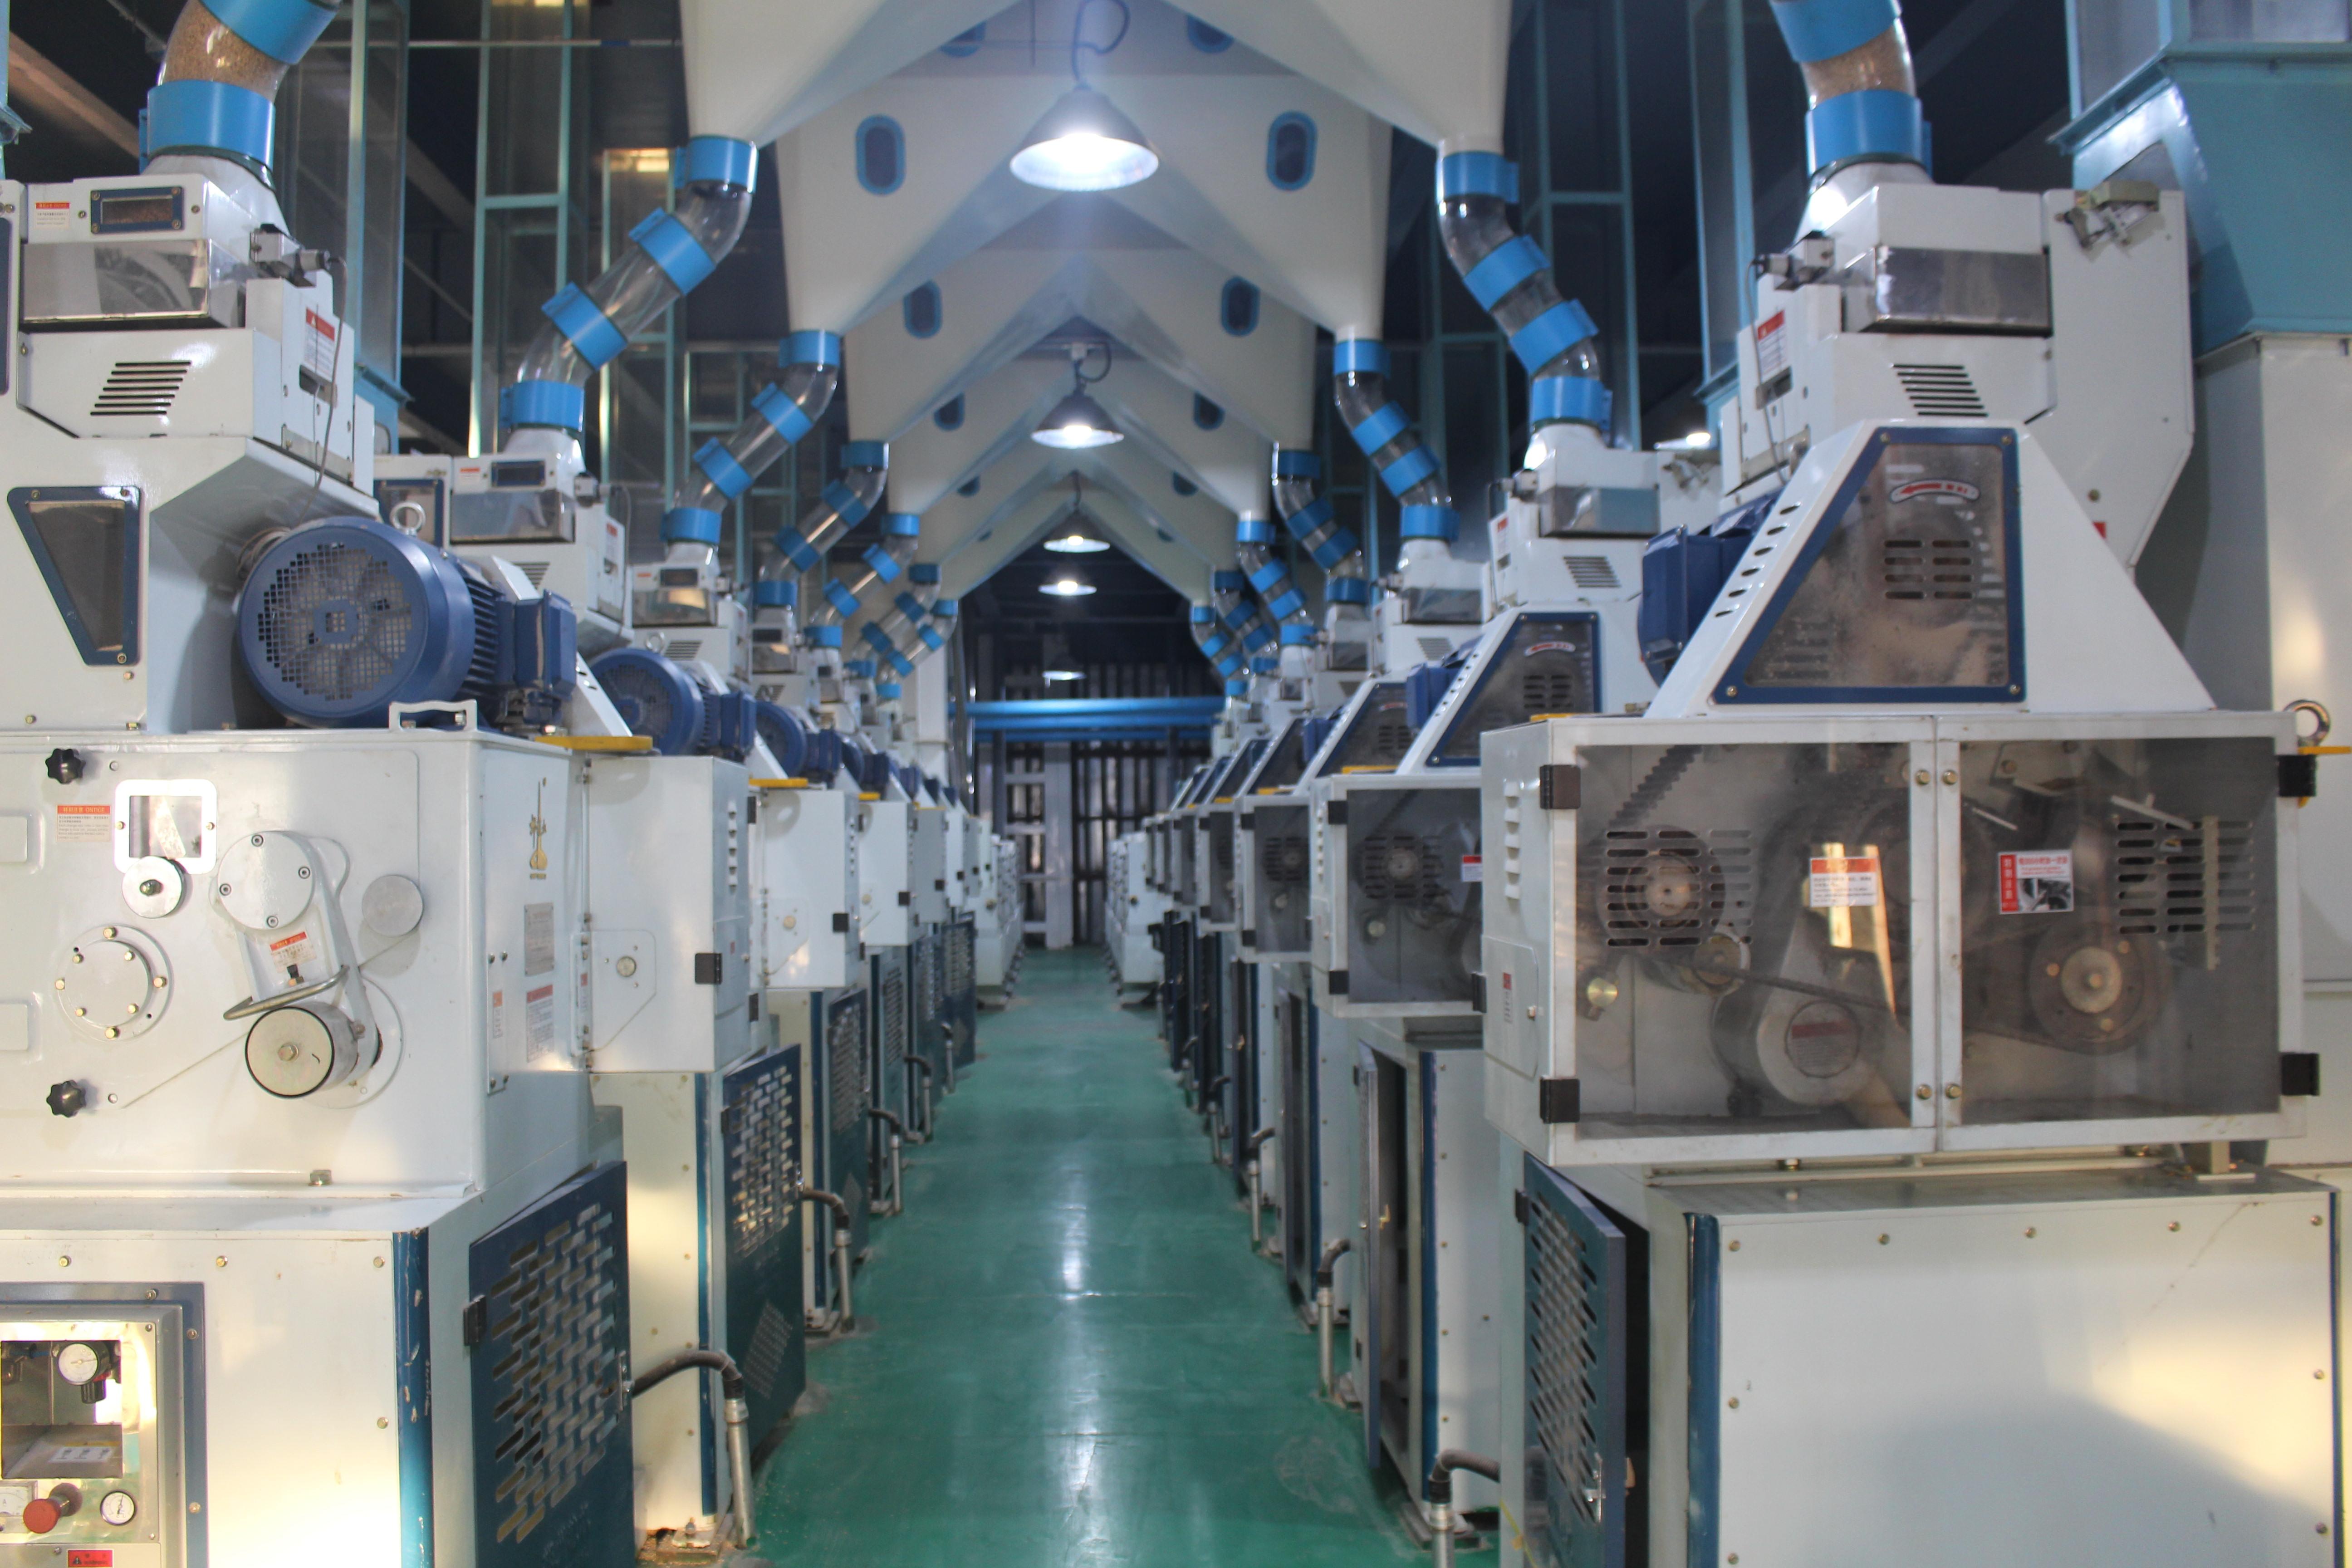 我公司承建的全球最大米廠之一:黑龍江春華秋實公司日處理稻谷3000噸碾米工程